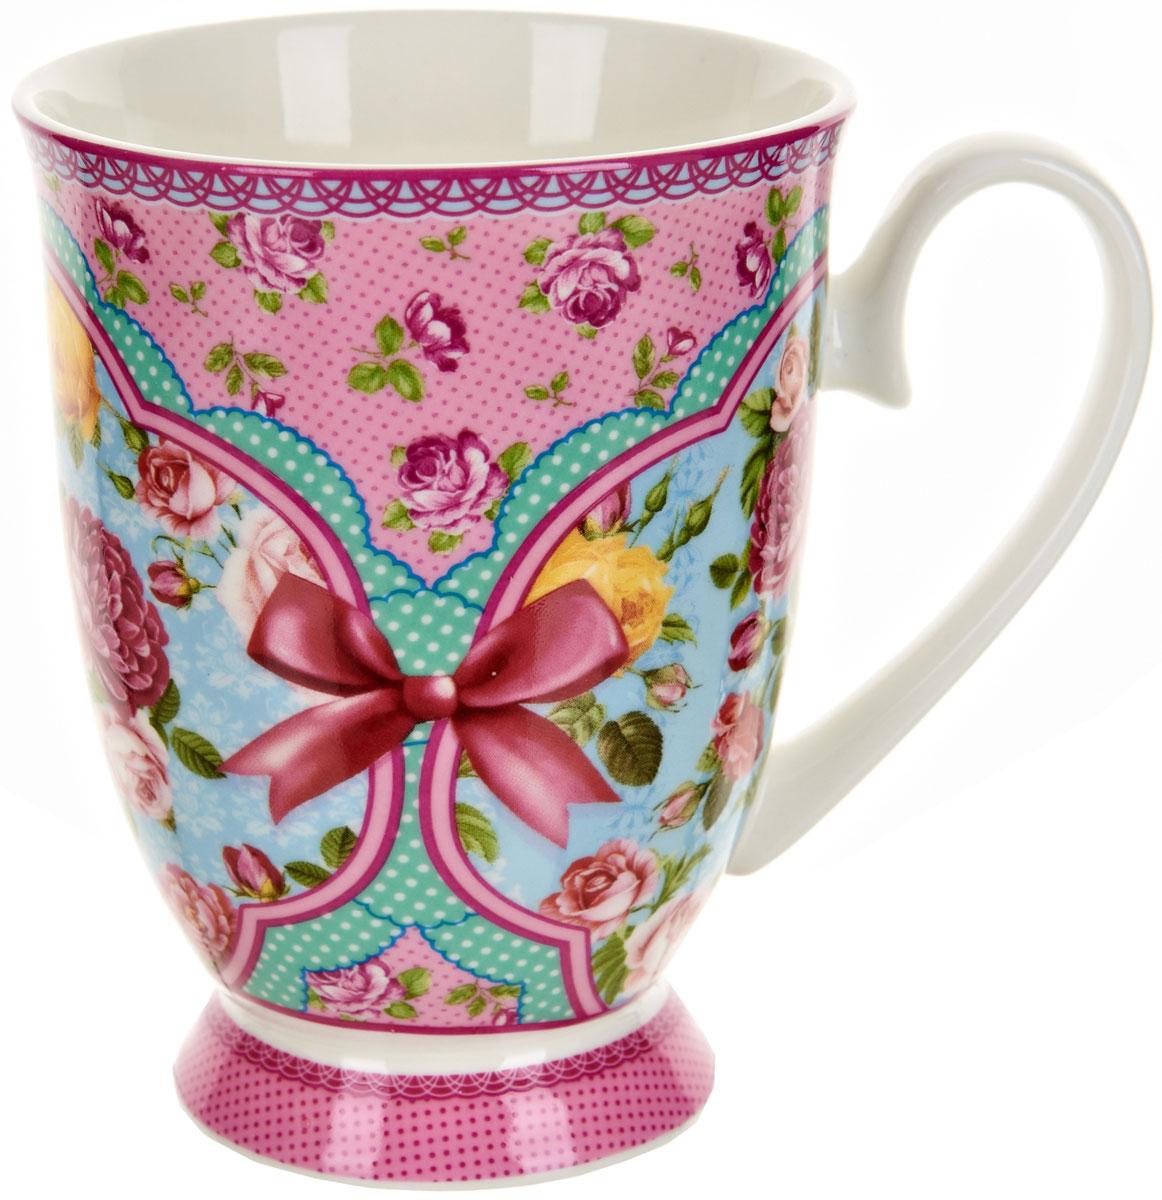 Кружка Polystar Розовый нектар, 360 млL0990560Оригинальная кружка Polystar, выполненная из высококачественного фарфора, сочетает в себе изысканный дизайн с максимальной функциональностью. Красочность оформления кружки придется по вкусу и ценителям классики, и тем, кто предпочитает утонченность и изысканность. В комплект входит кружка. Можно использовать в ПММ.